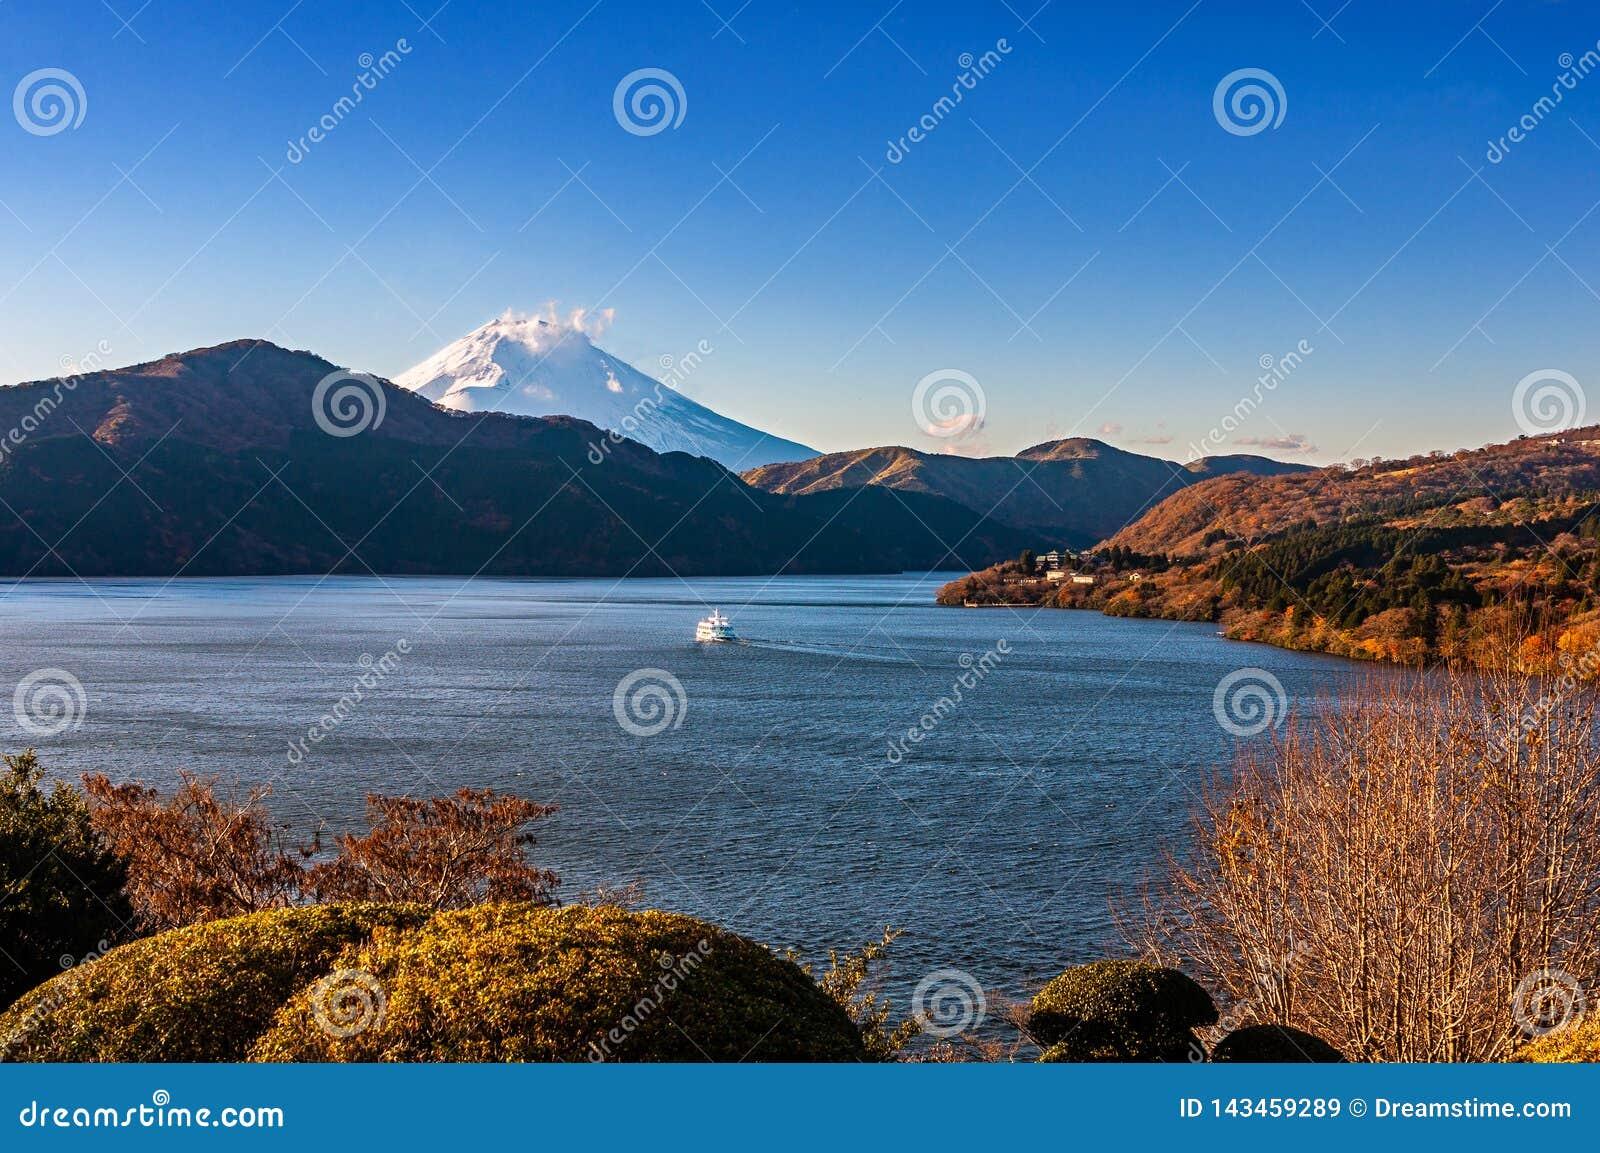 Città del monte Fuji, del lago Ashi e di Hakone con girare turistico della barca